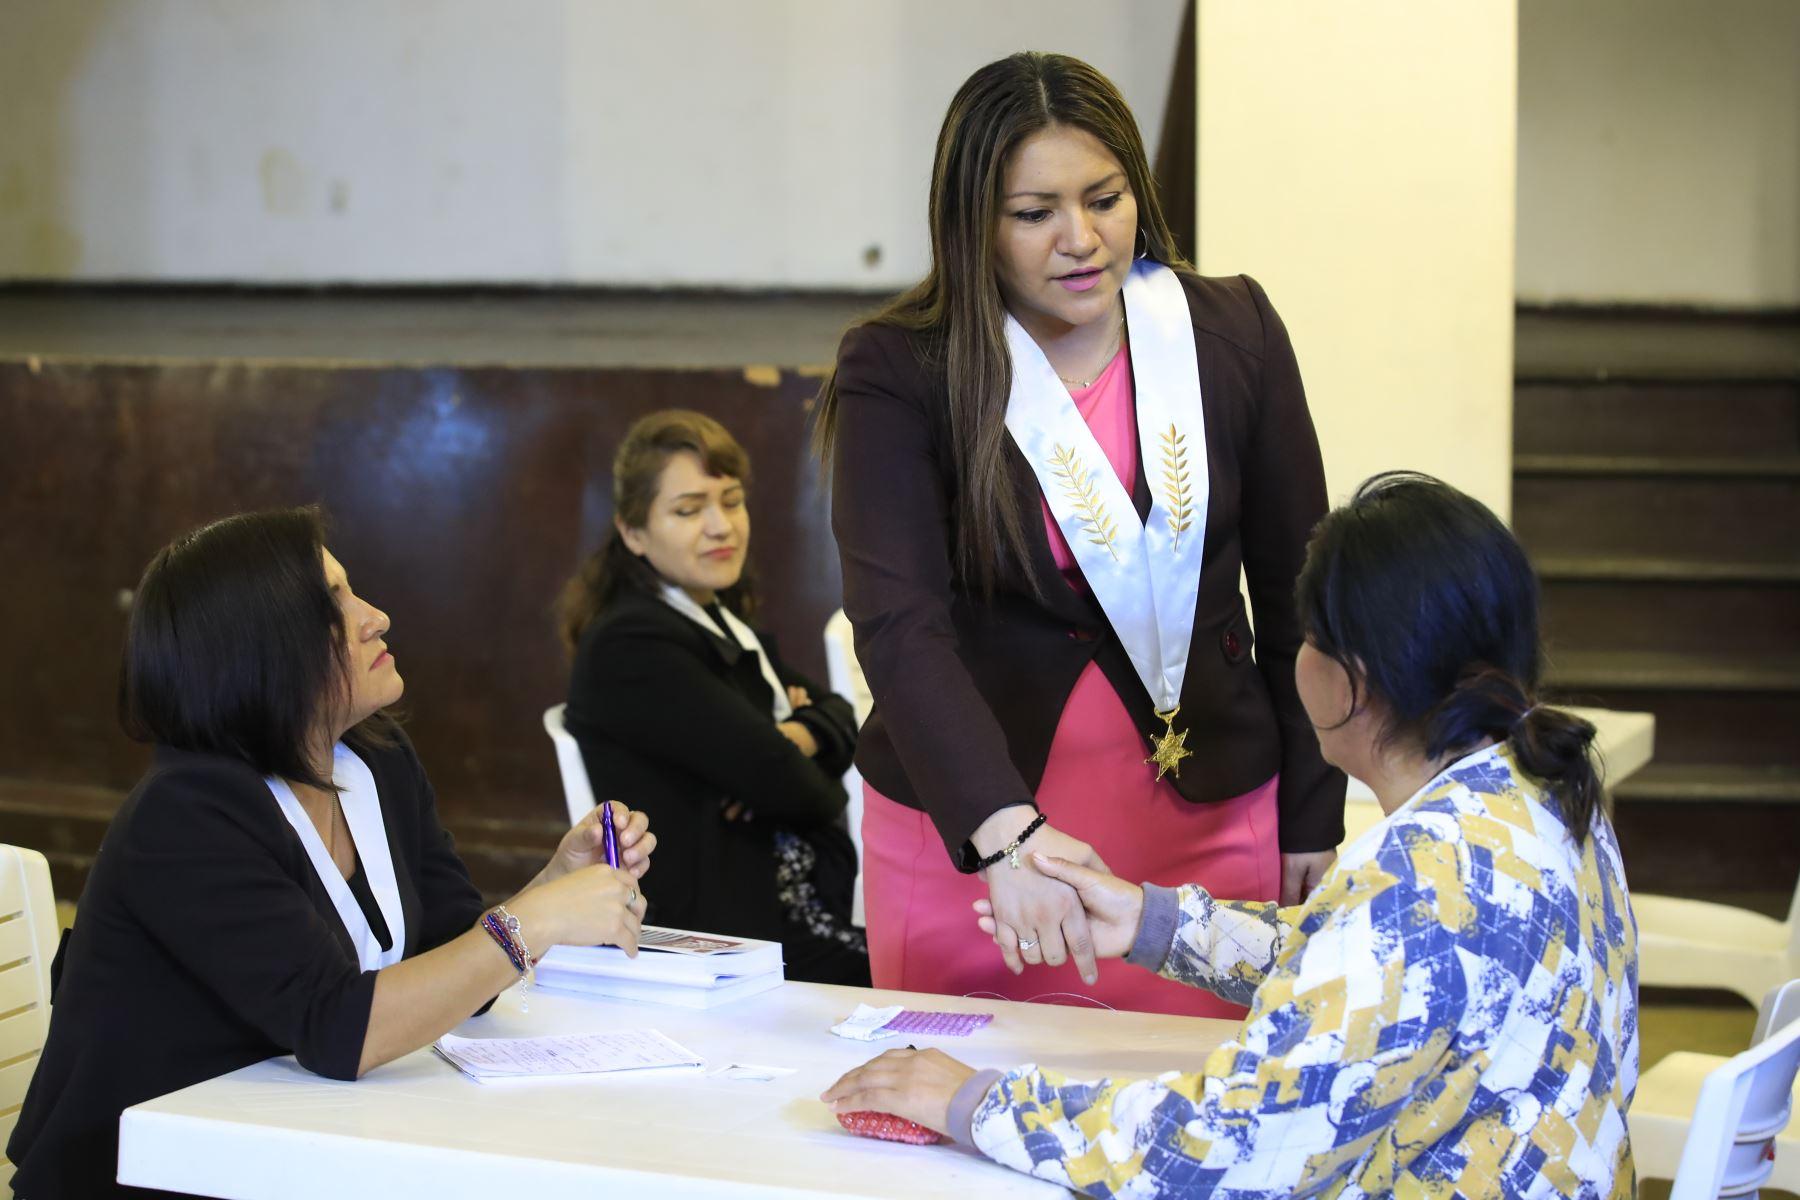 Abogados del Colegio de Abogados de Lima brindan orientación a internas del penal Santa Mónica en Chorrillos.  Foto: ANDINA / Juan Carlos Guzmán Negrini.